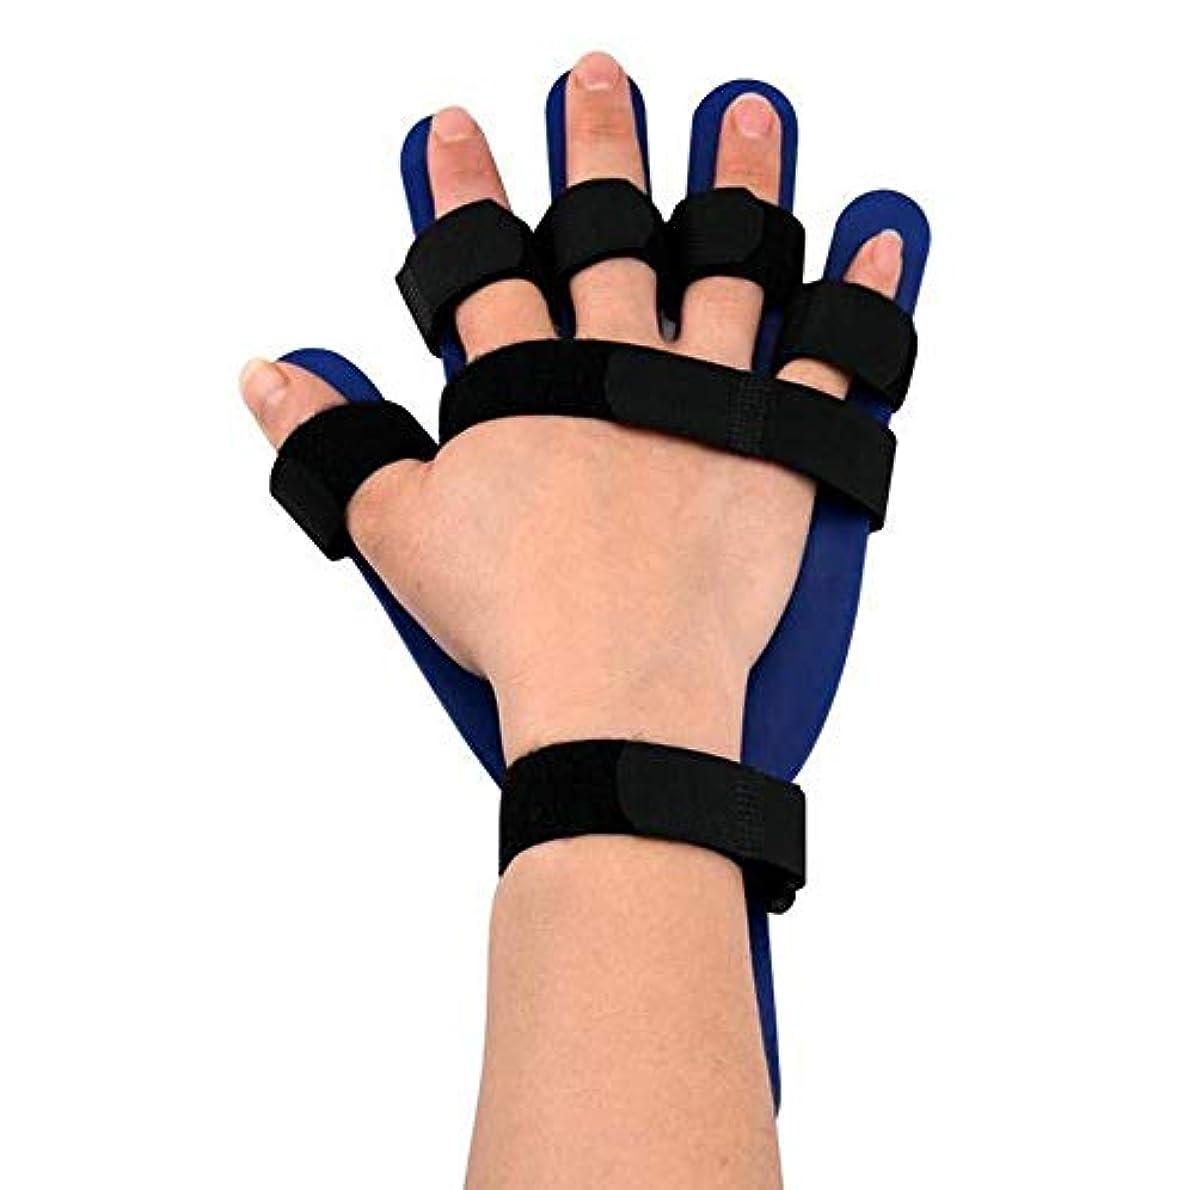 風邪をひくアフリカ人カバレッジ親指サポートトリガーフィンガースプリント、右手首スプリントユニセックスフィンガープレート,Right Hand